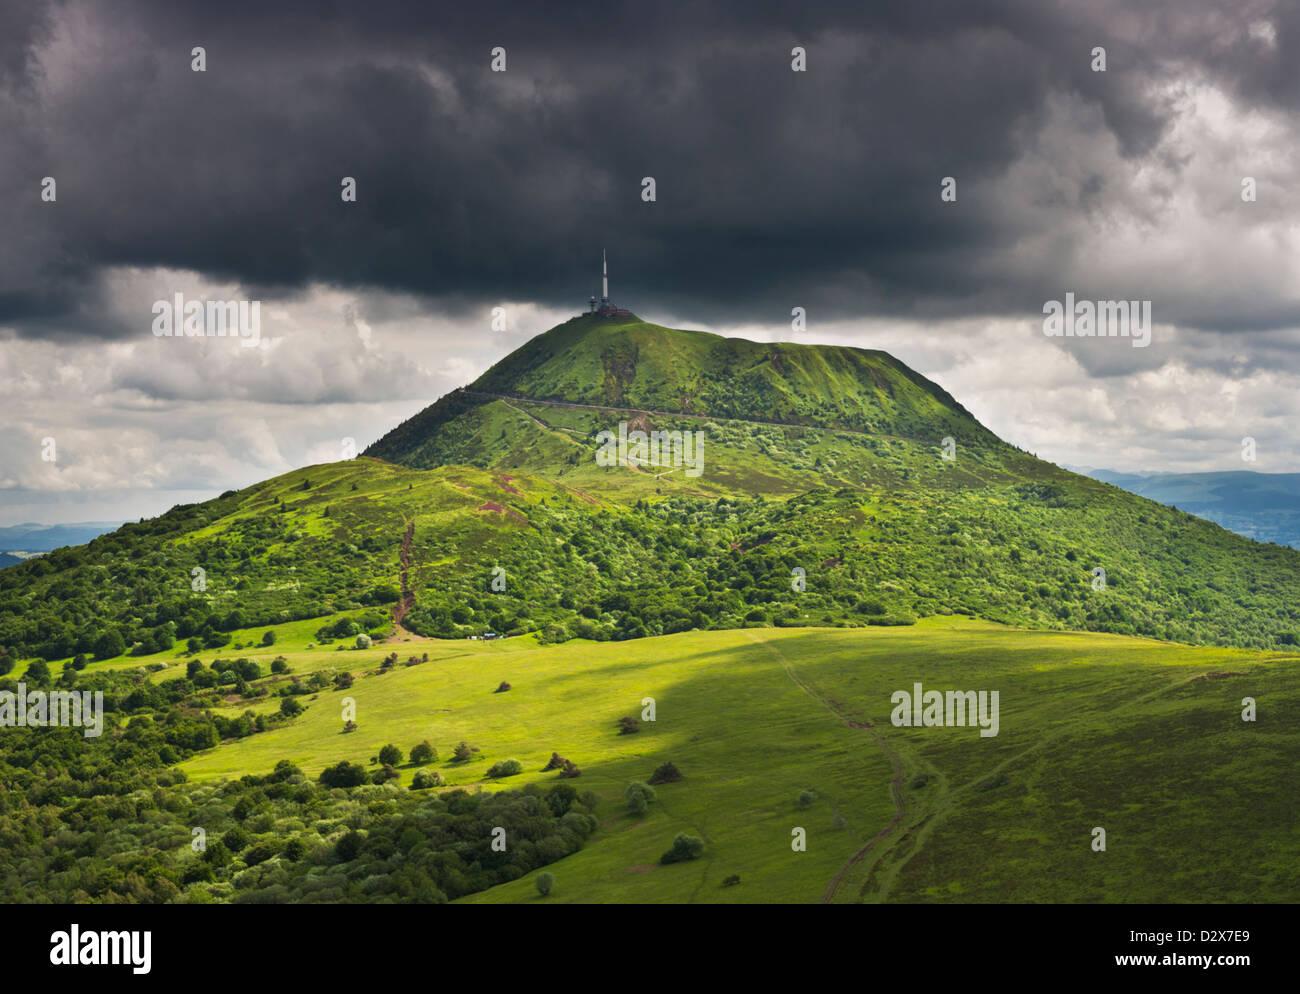 Puy-de-Dome Volcano from Puy de Pariou, Auvergne, France - Stock Image